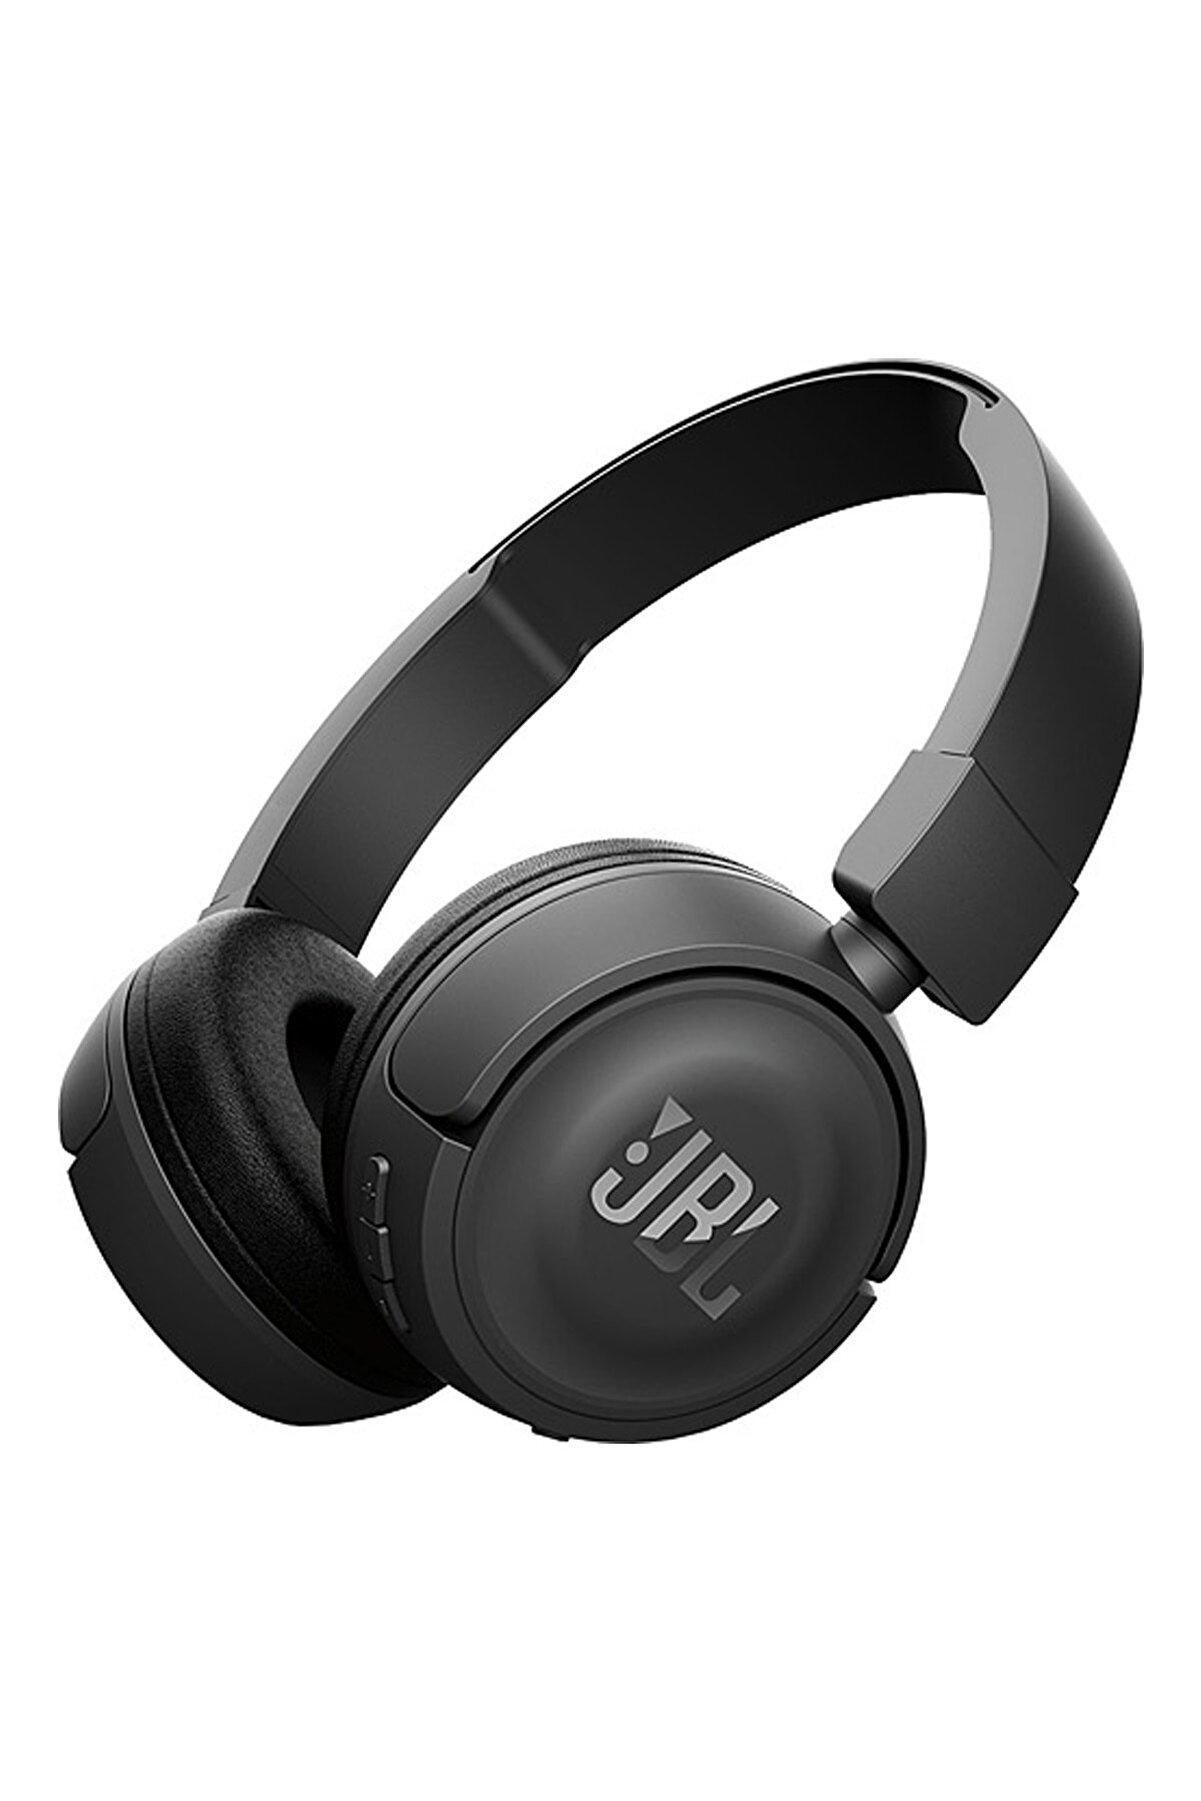 GALIO Jblt450 Mikrofonlu Kulak Üstü Kulaklık Siyah